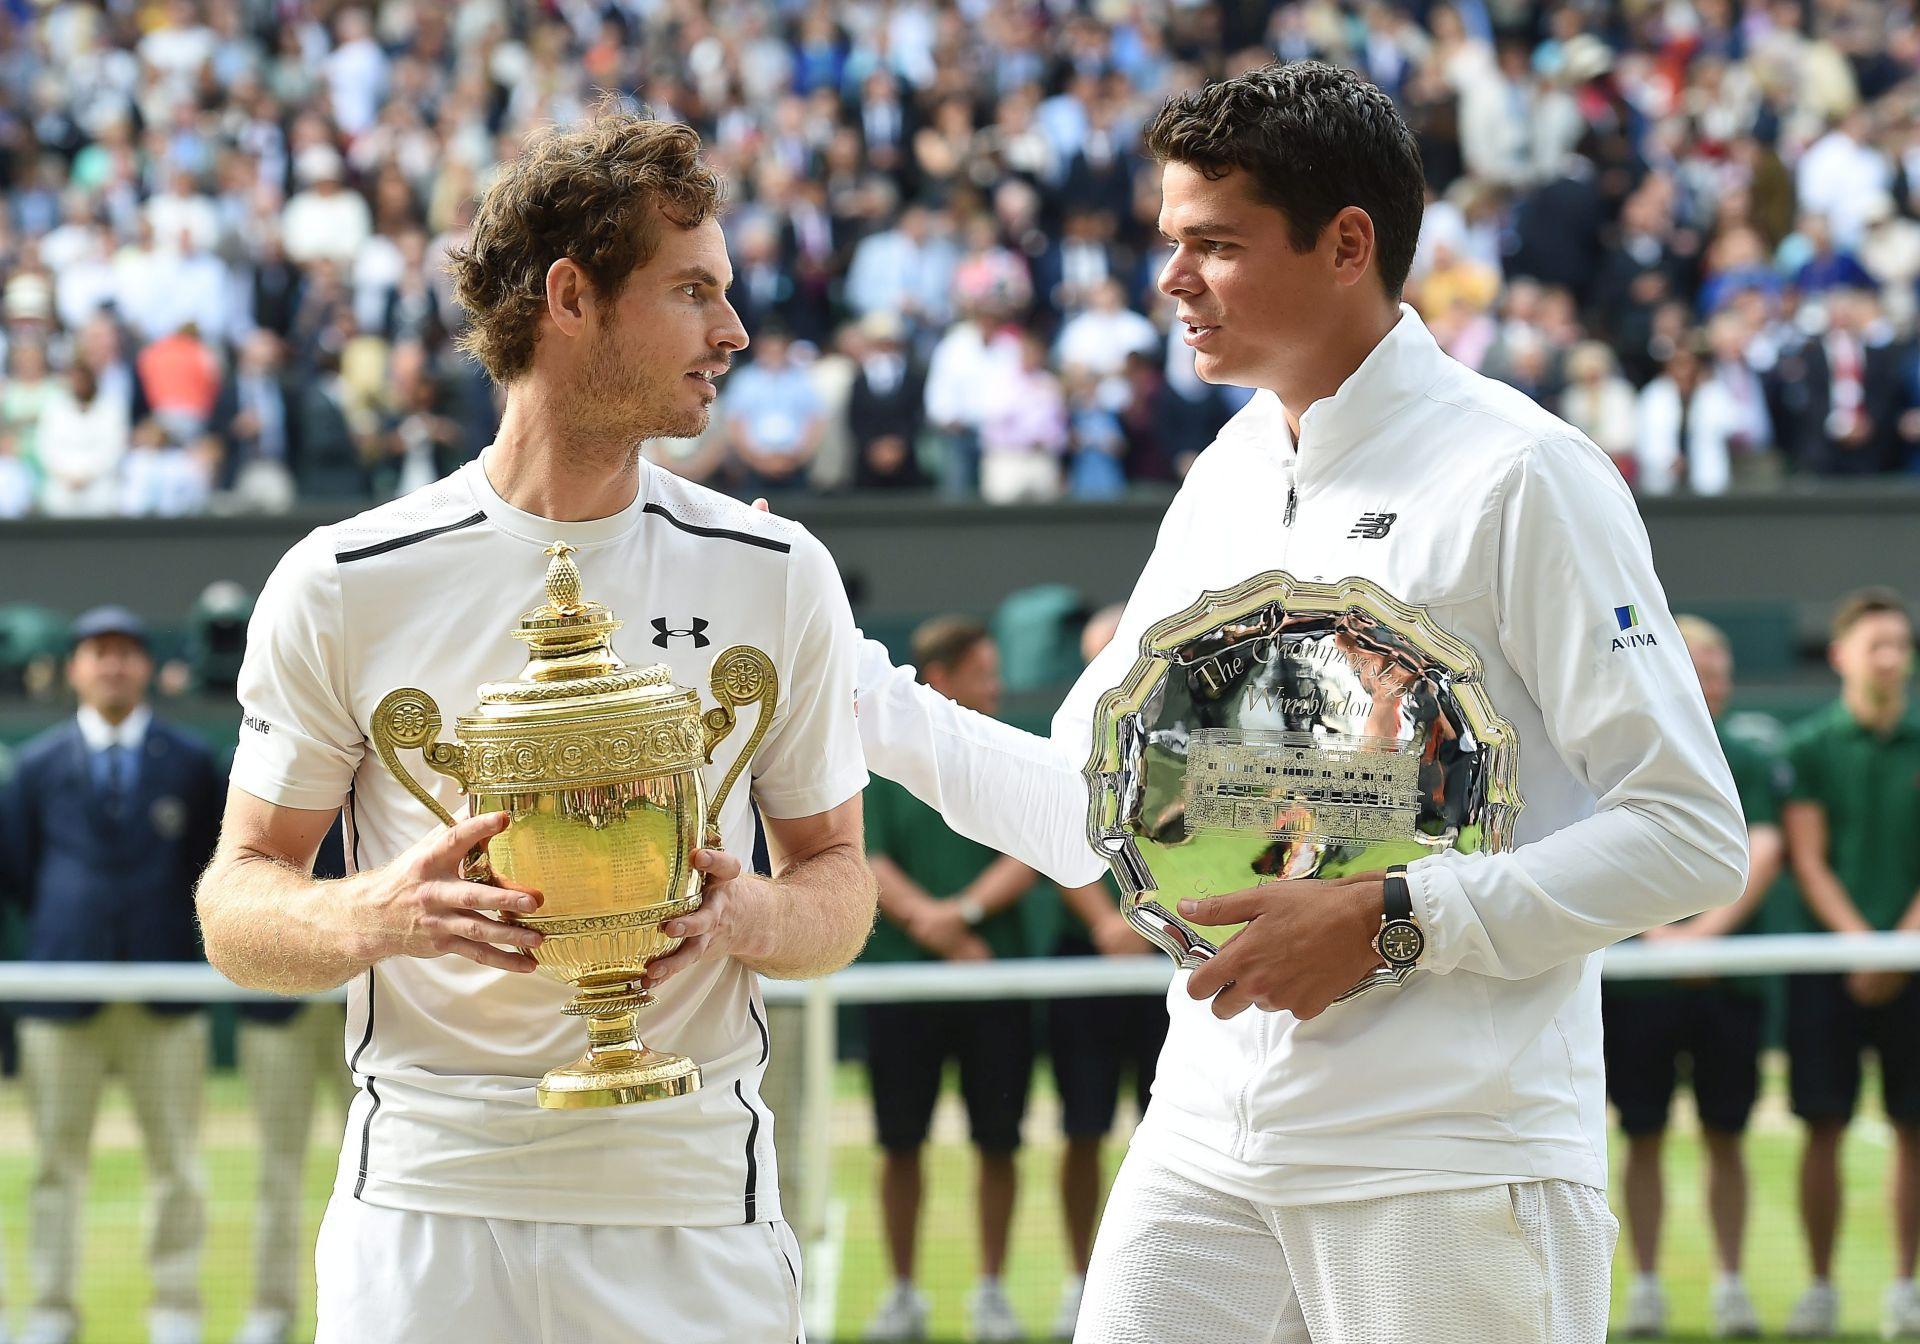 ATP ljestvica: Čilić 12., Murray se približio Đokoviću